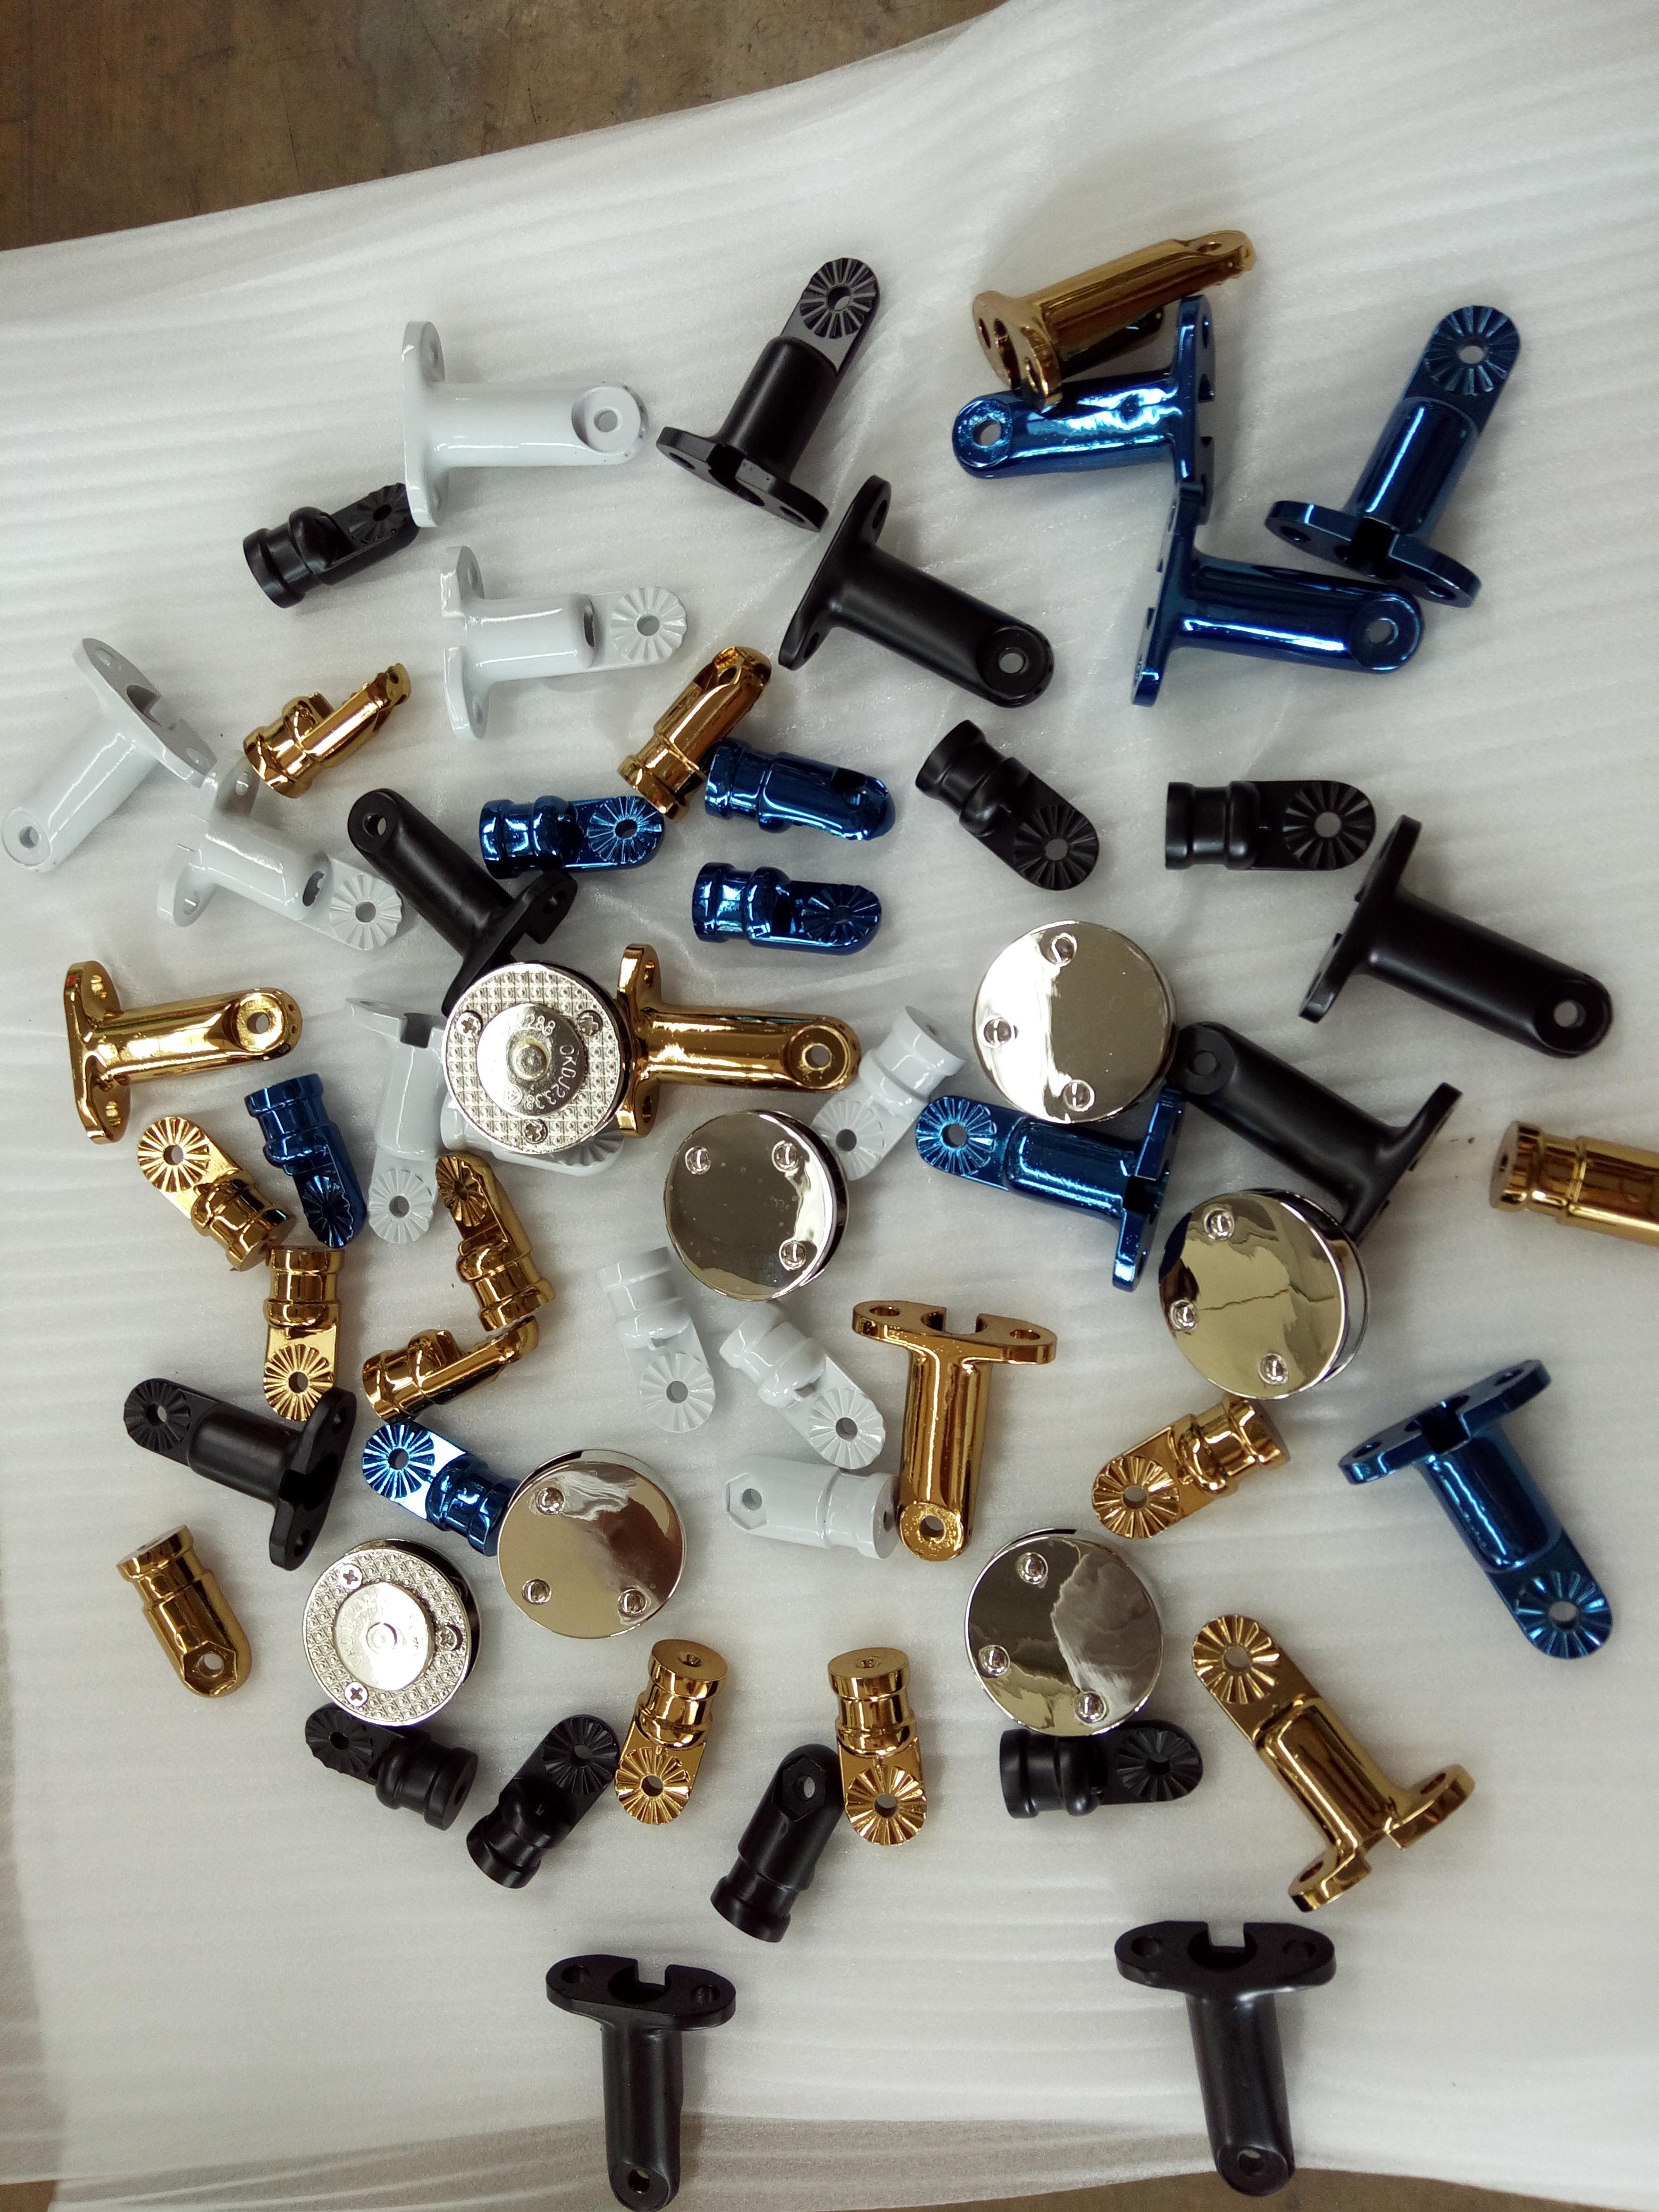 电镀加工厂金属表面处理,五金电镀挂镀滚镀加工 五金塑胶电镀加工厂金属表面处理